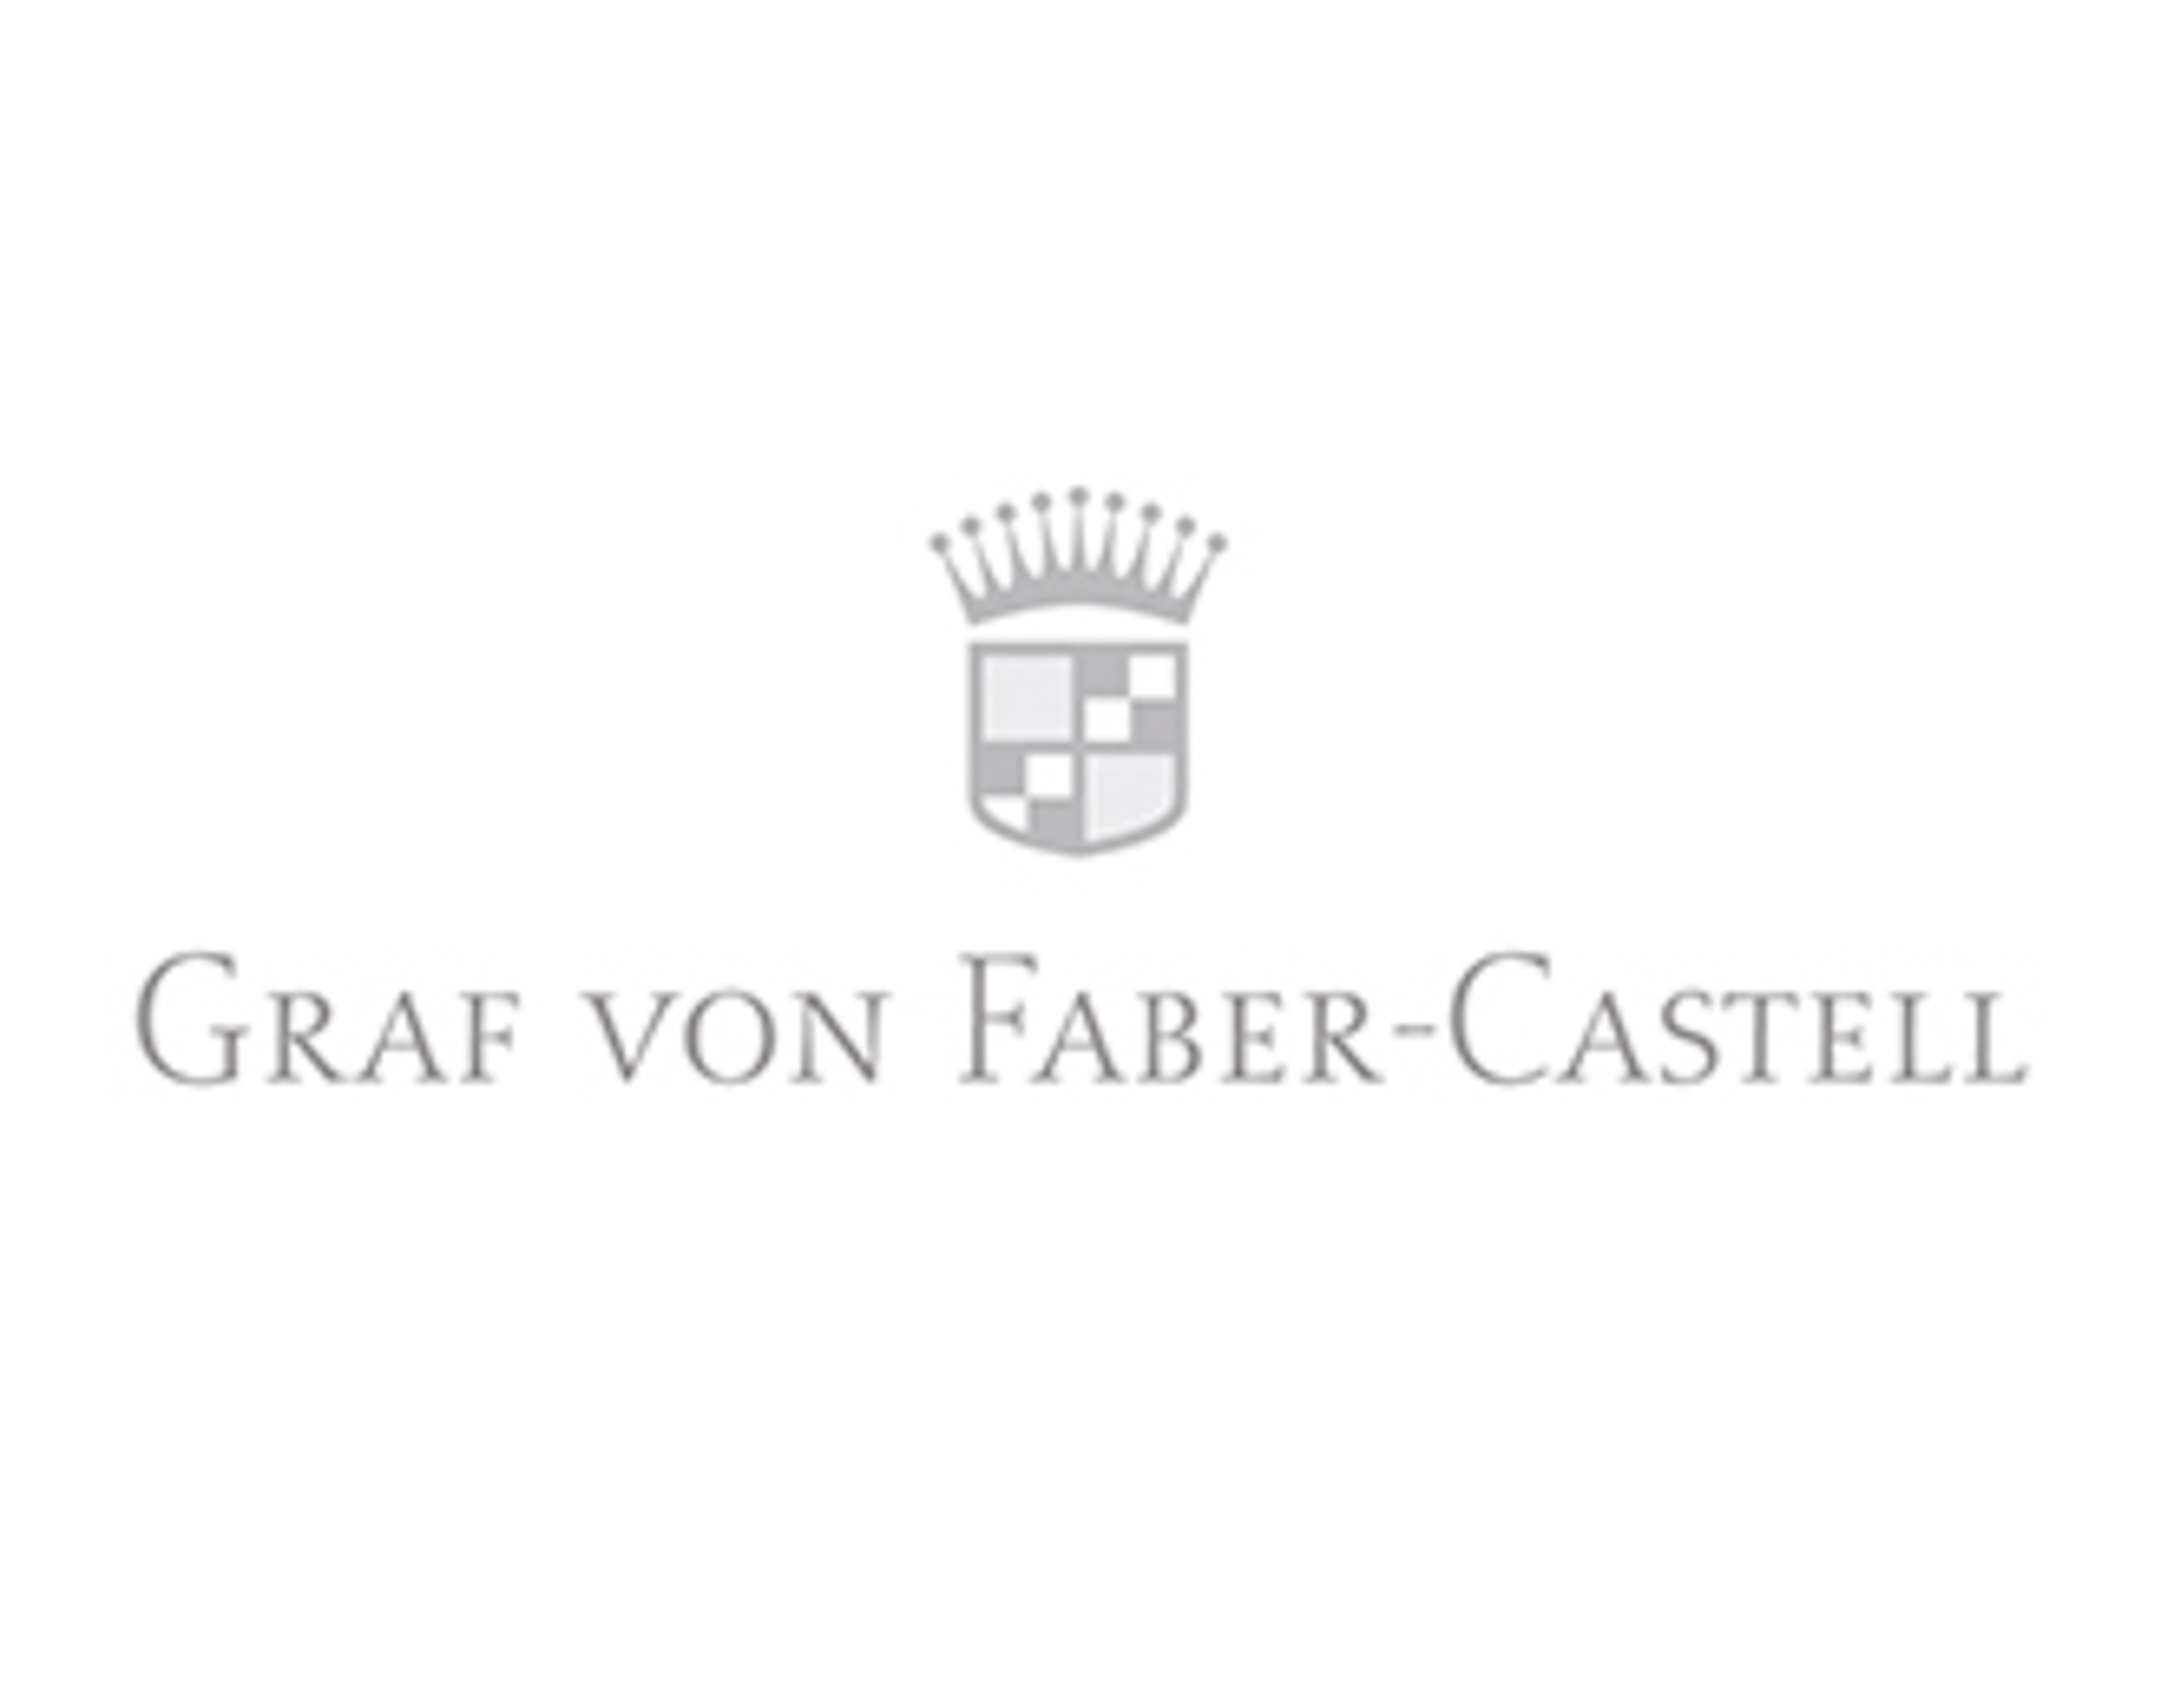 graf von faber- company logo